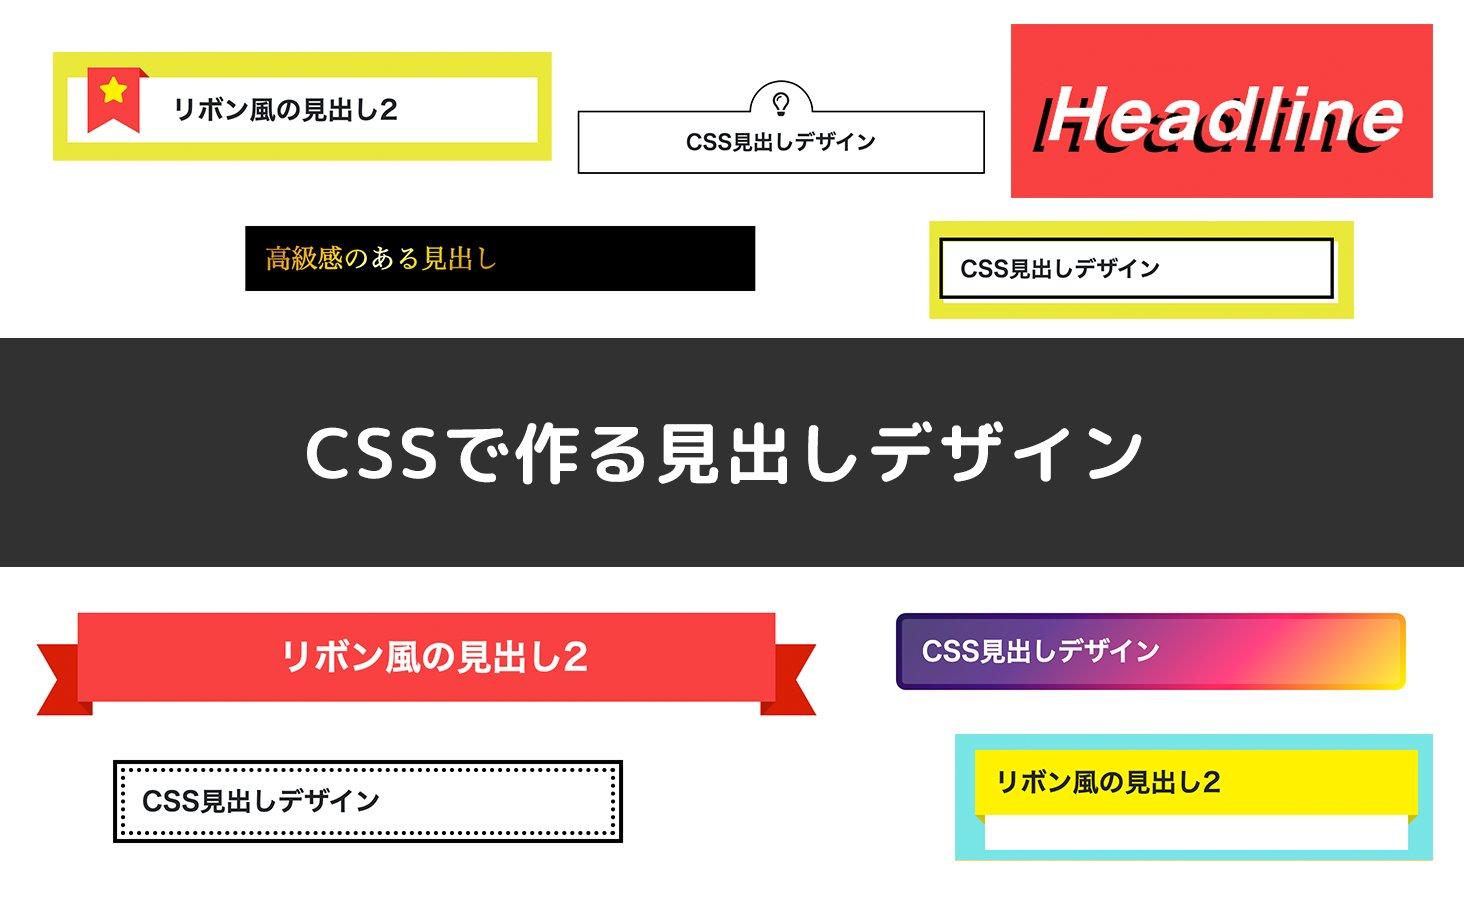 CSSで作る見出しデザイン